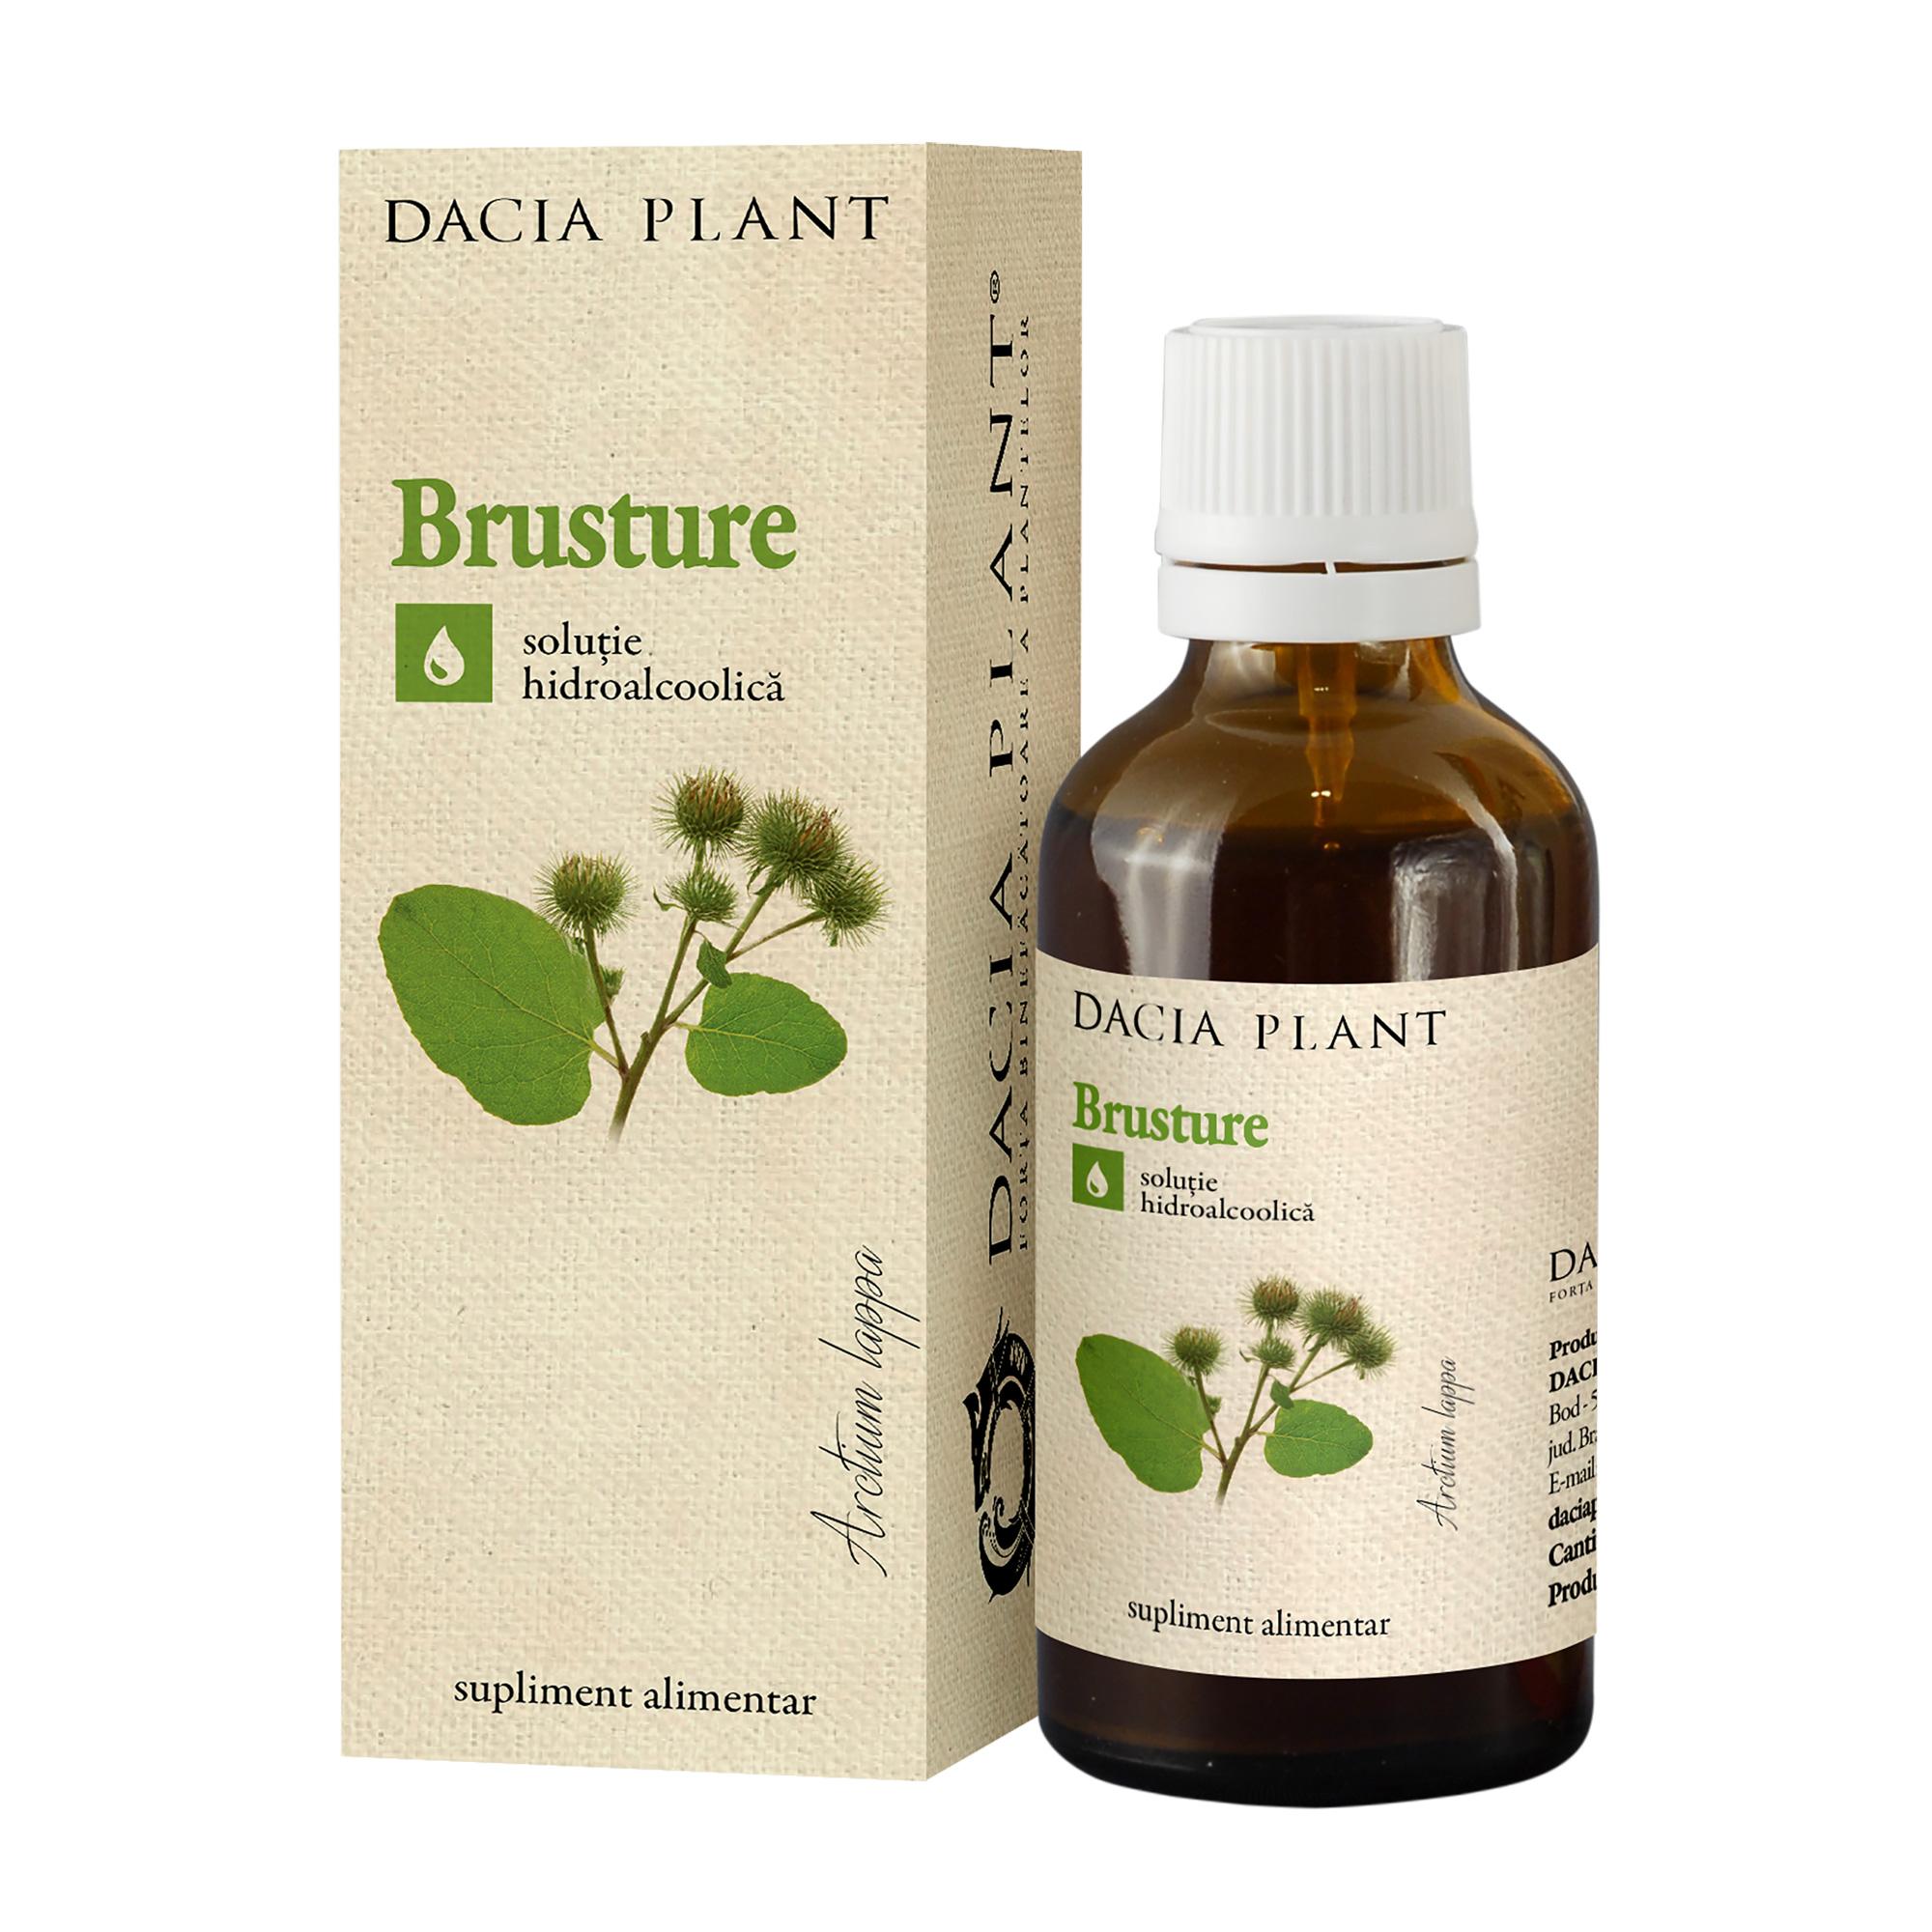 5 plante care combat durerile de articulaţii | nightpizza.ro